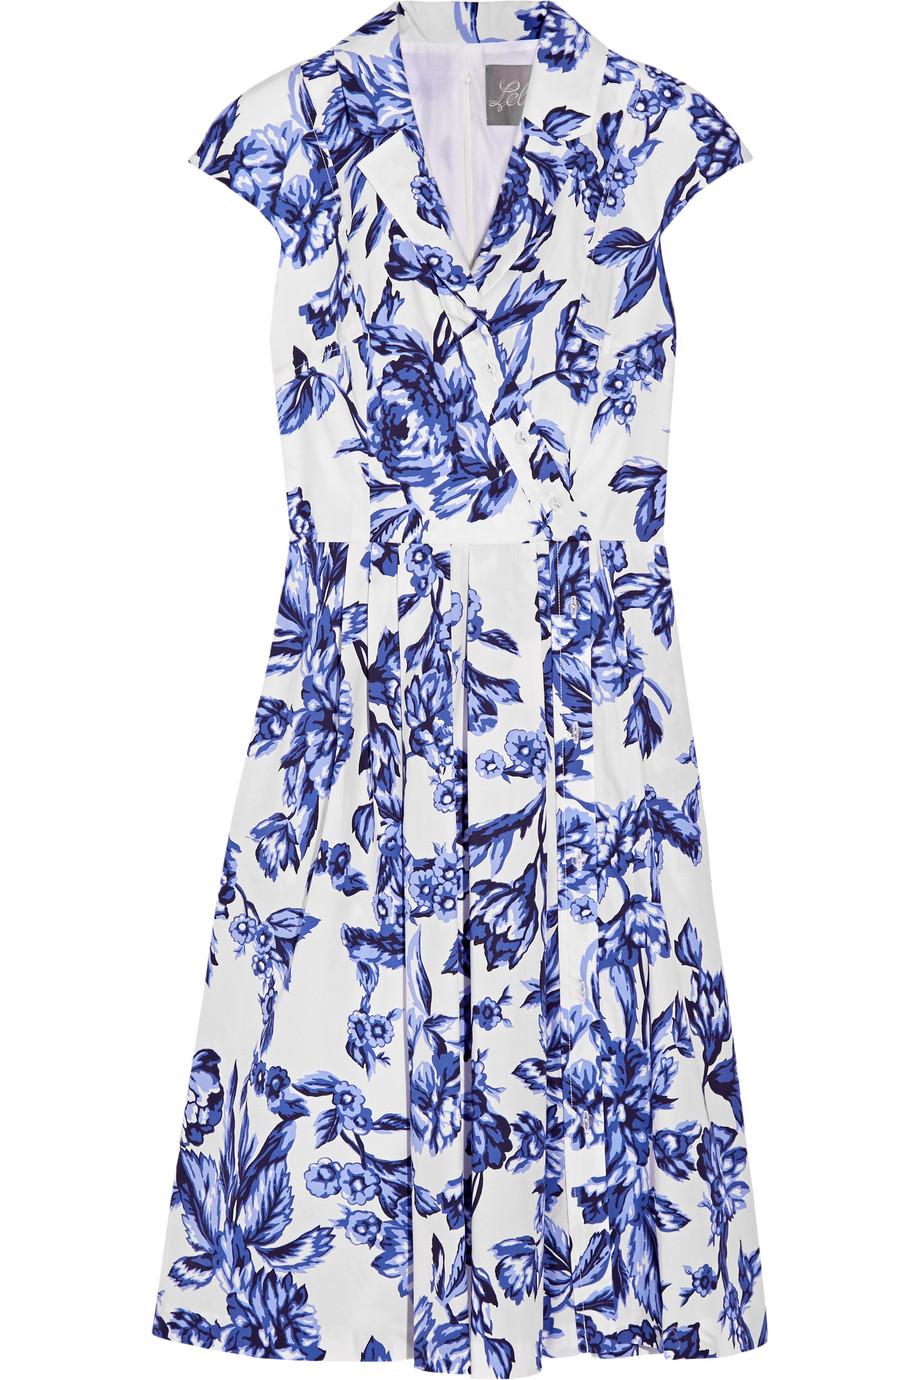 Lela Rose Jane Floral-Print Cotton-Poplin Dress, Size: 0